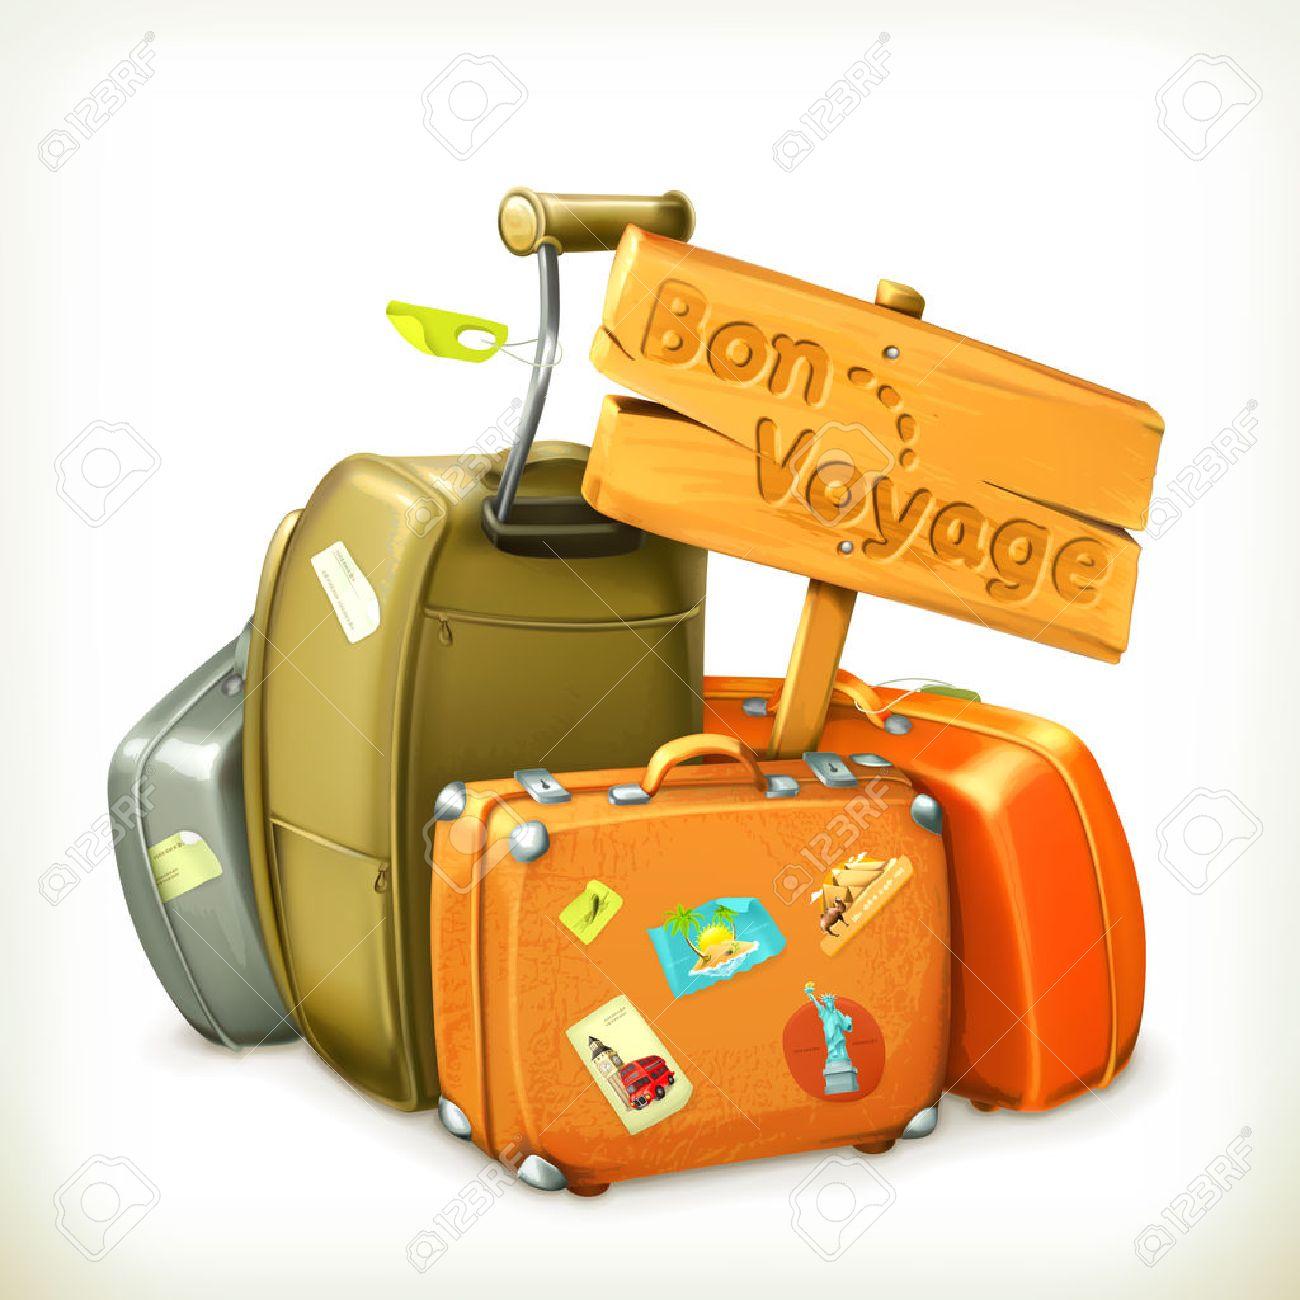 Bon voyage word travel icon - 35091590